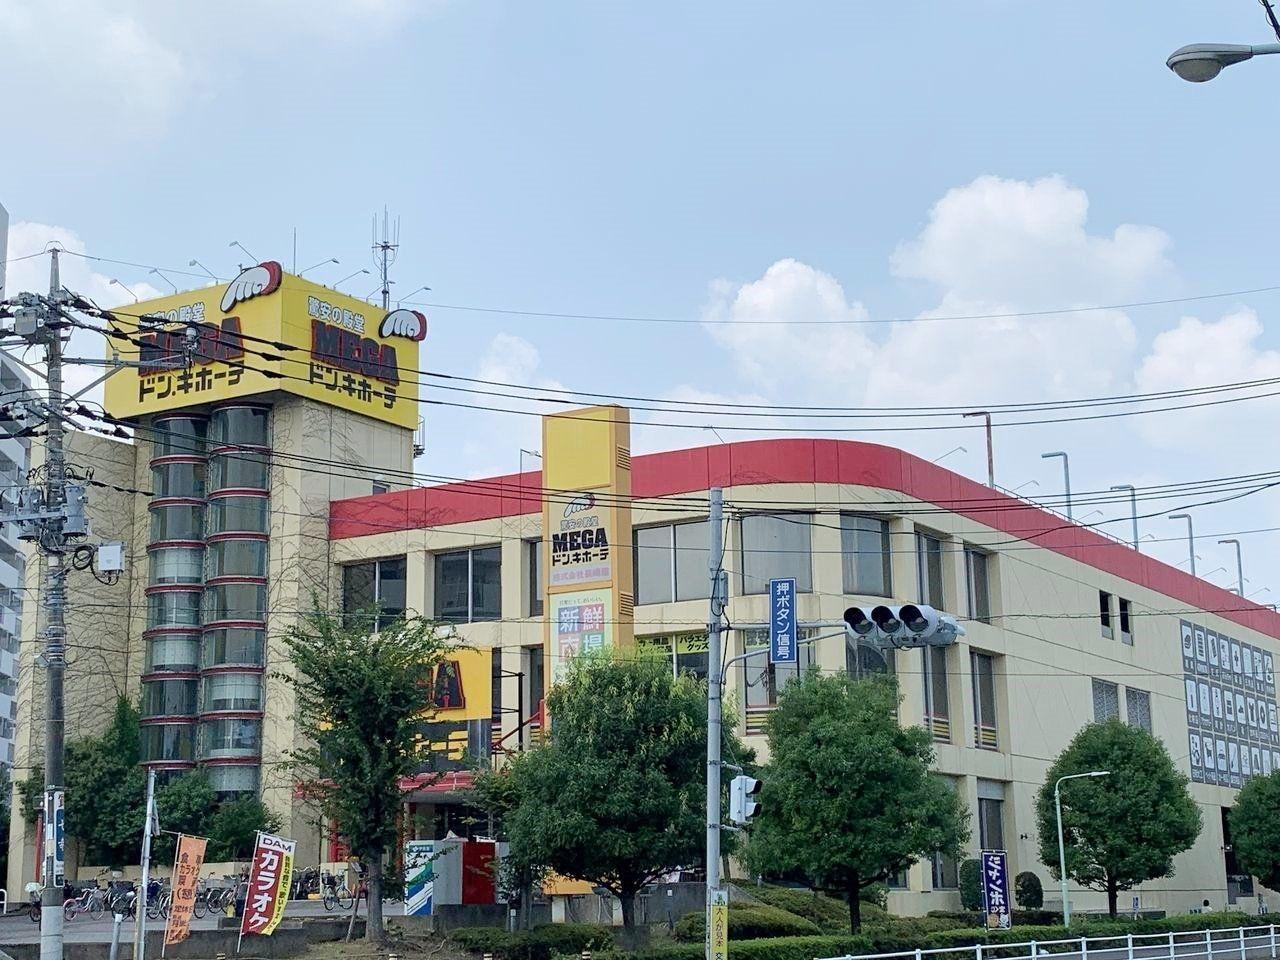 三郷市さつき平1-1-1 営業時間:9:00~23:00 駐車場とても広いです。